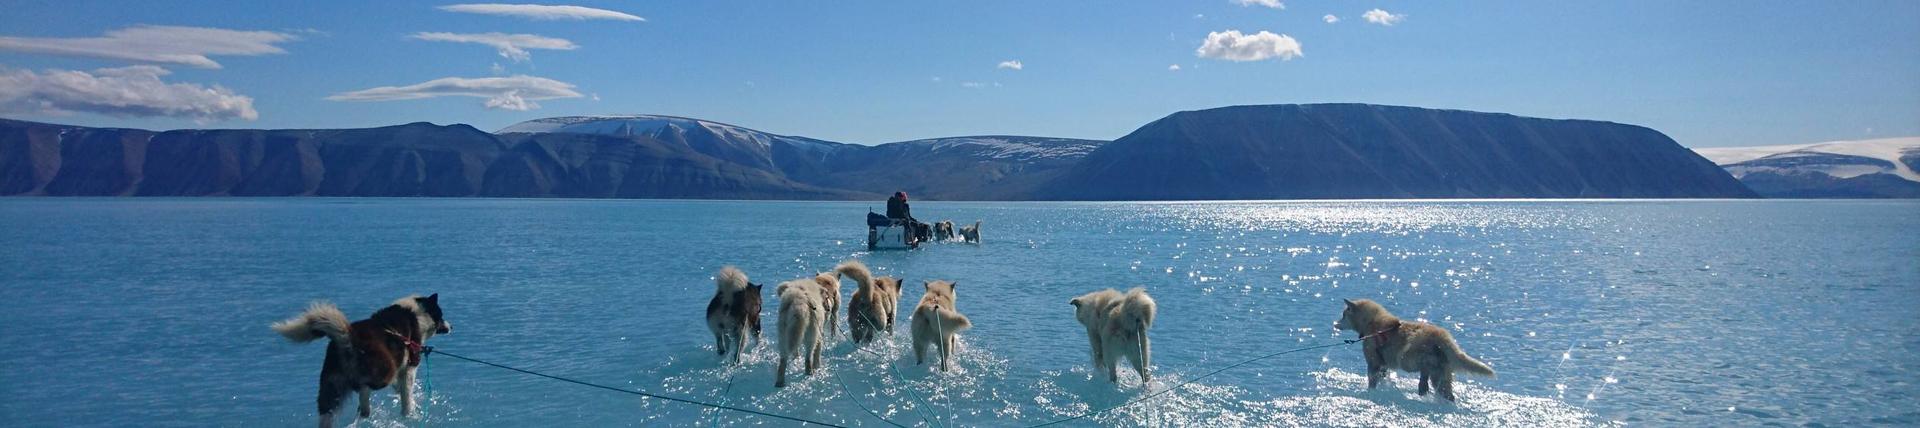 """计划收购格陵兰岛域名,特朗普""""买岛""""是认真的!"""